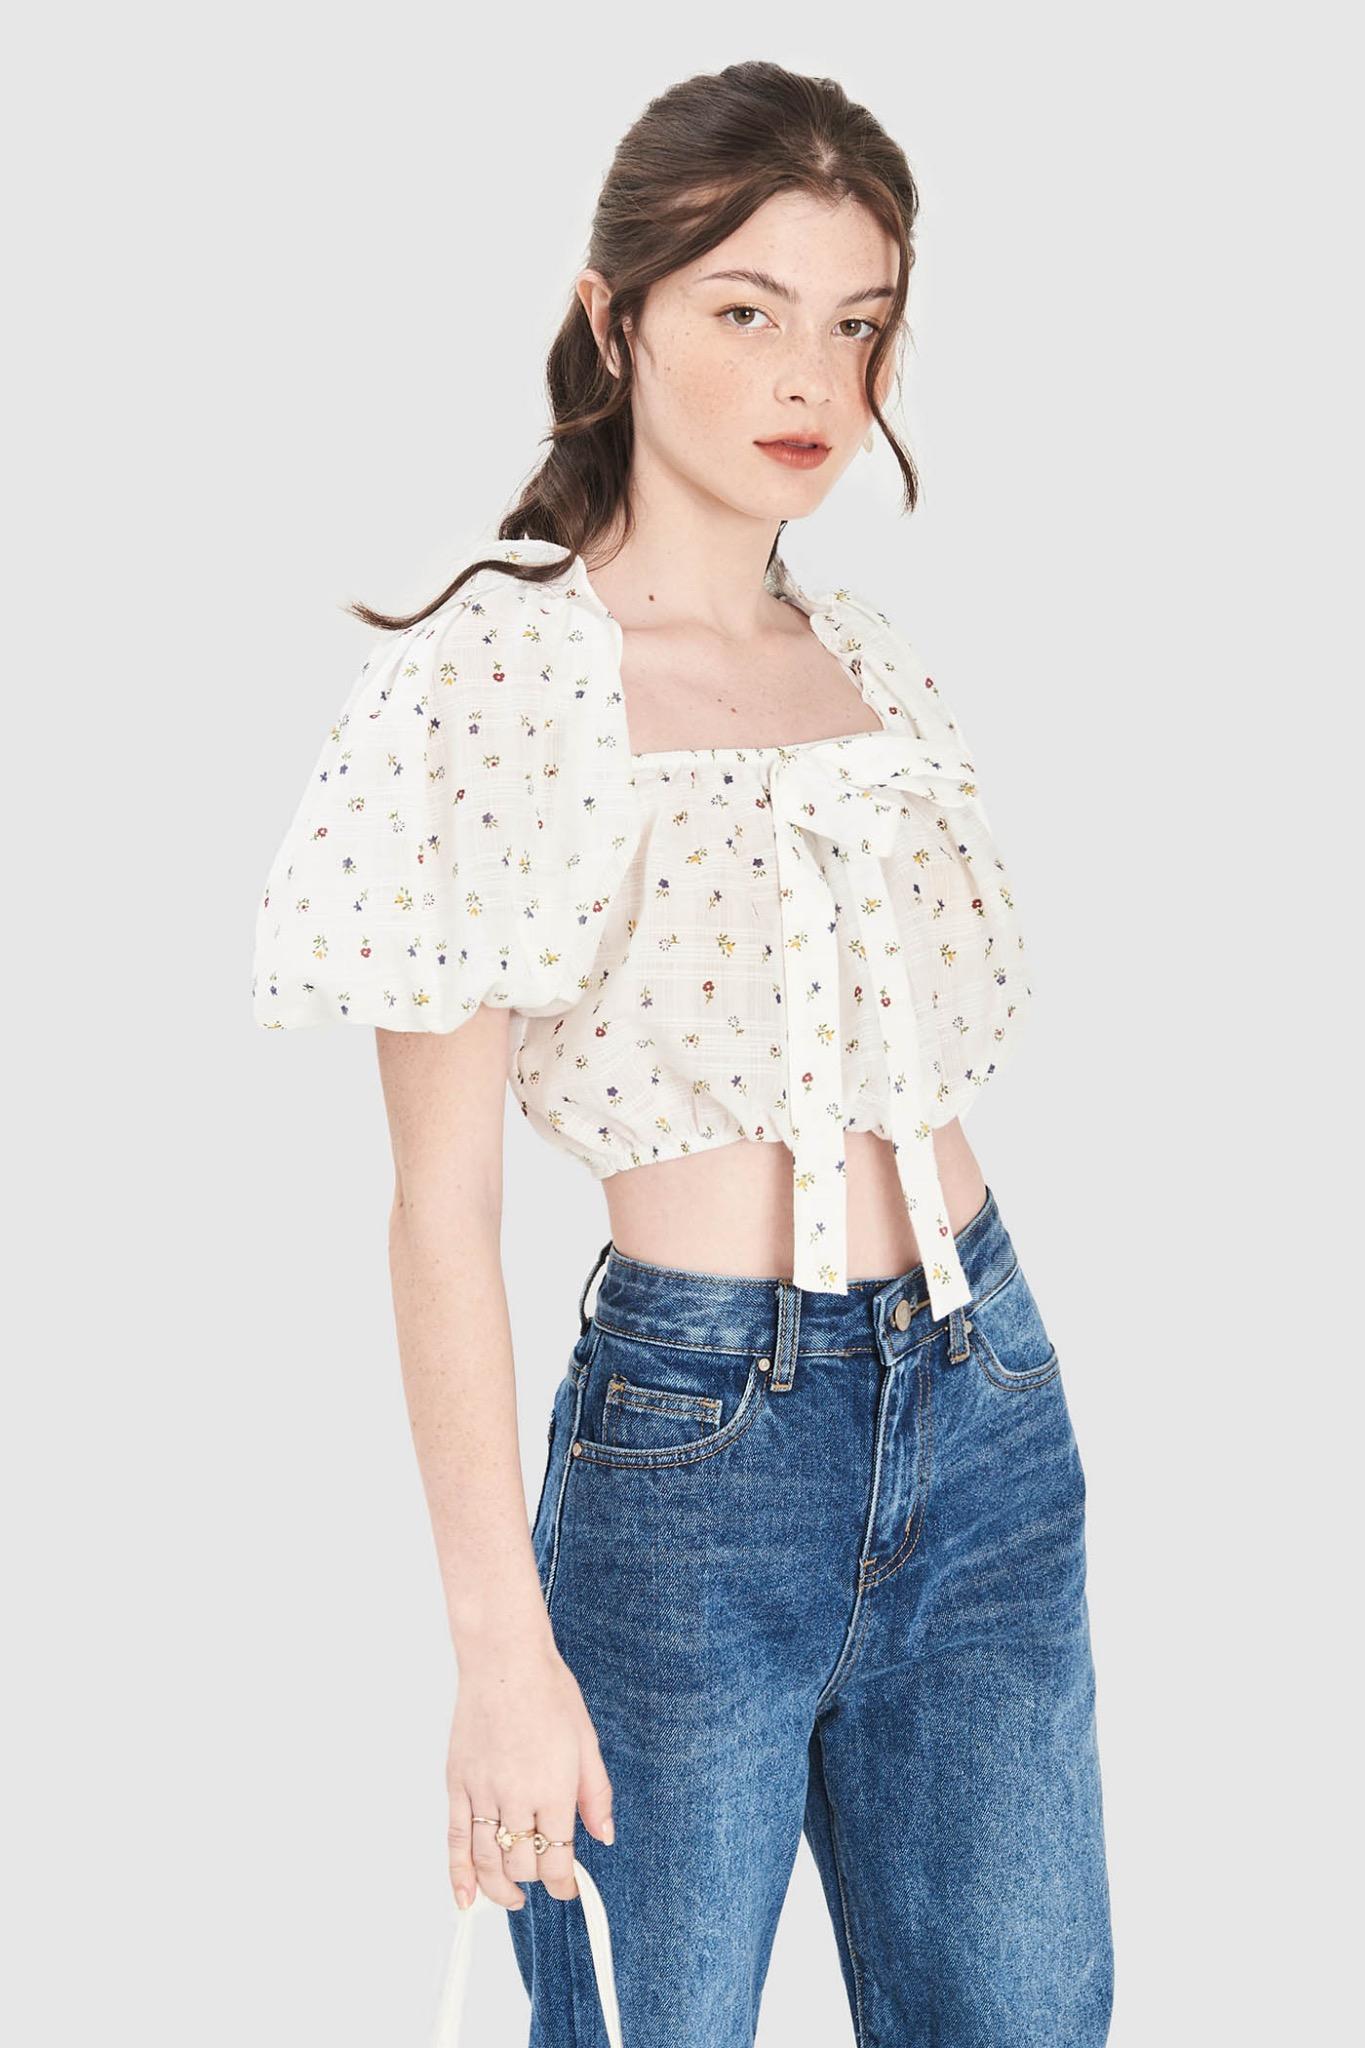 Áo crop top tay phồng họa tiết hoa nhí